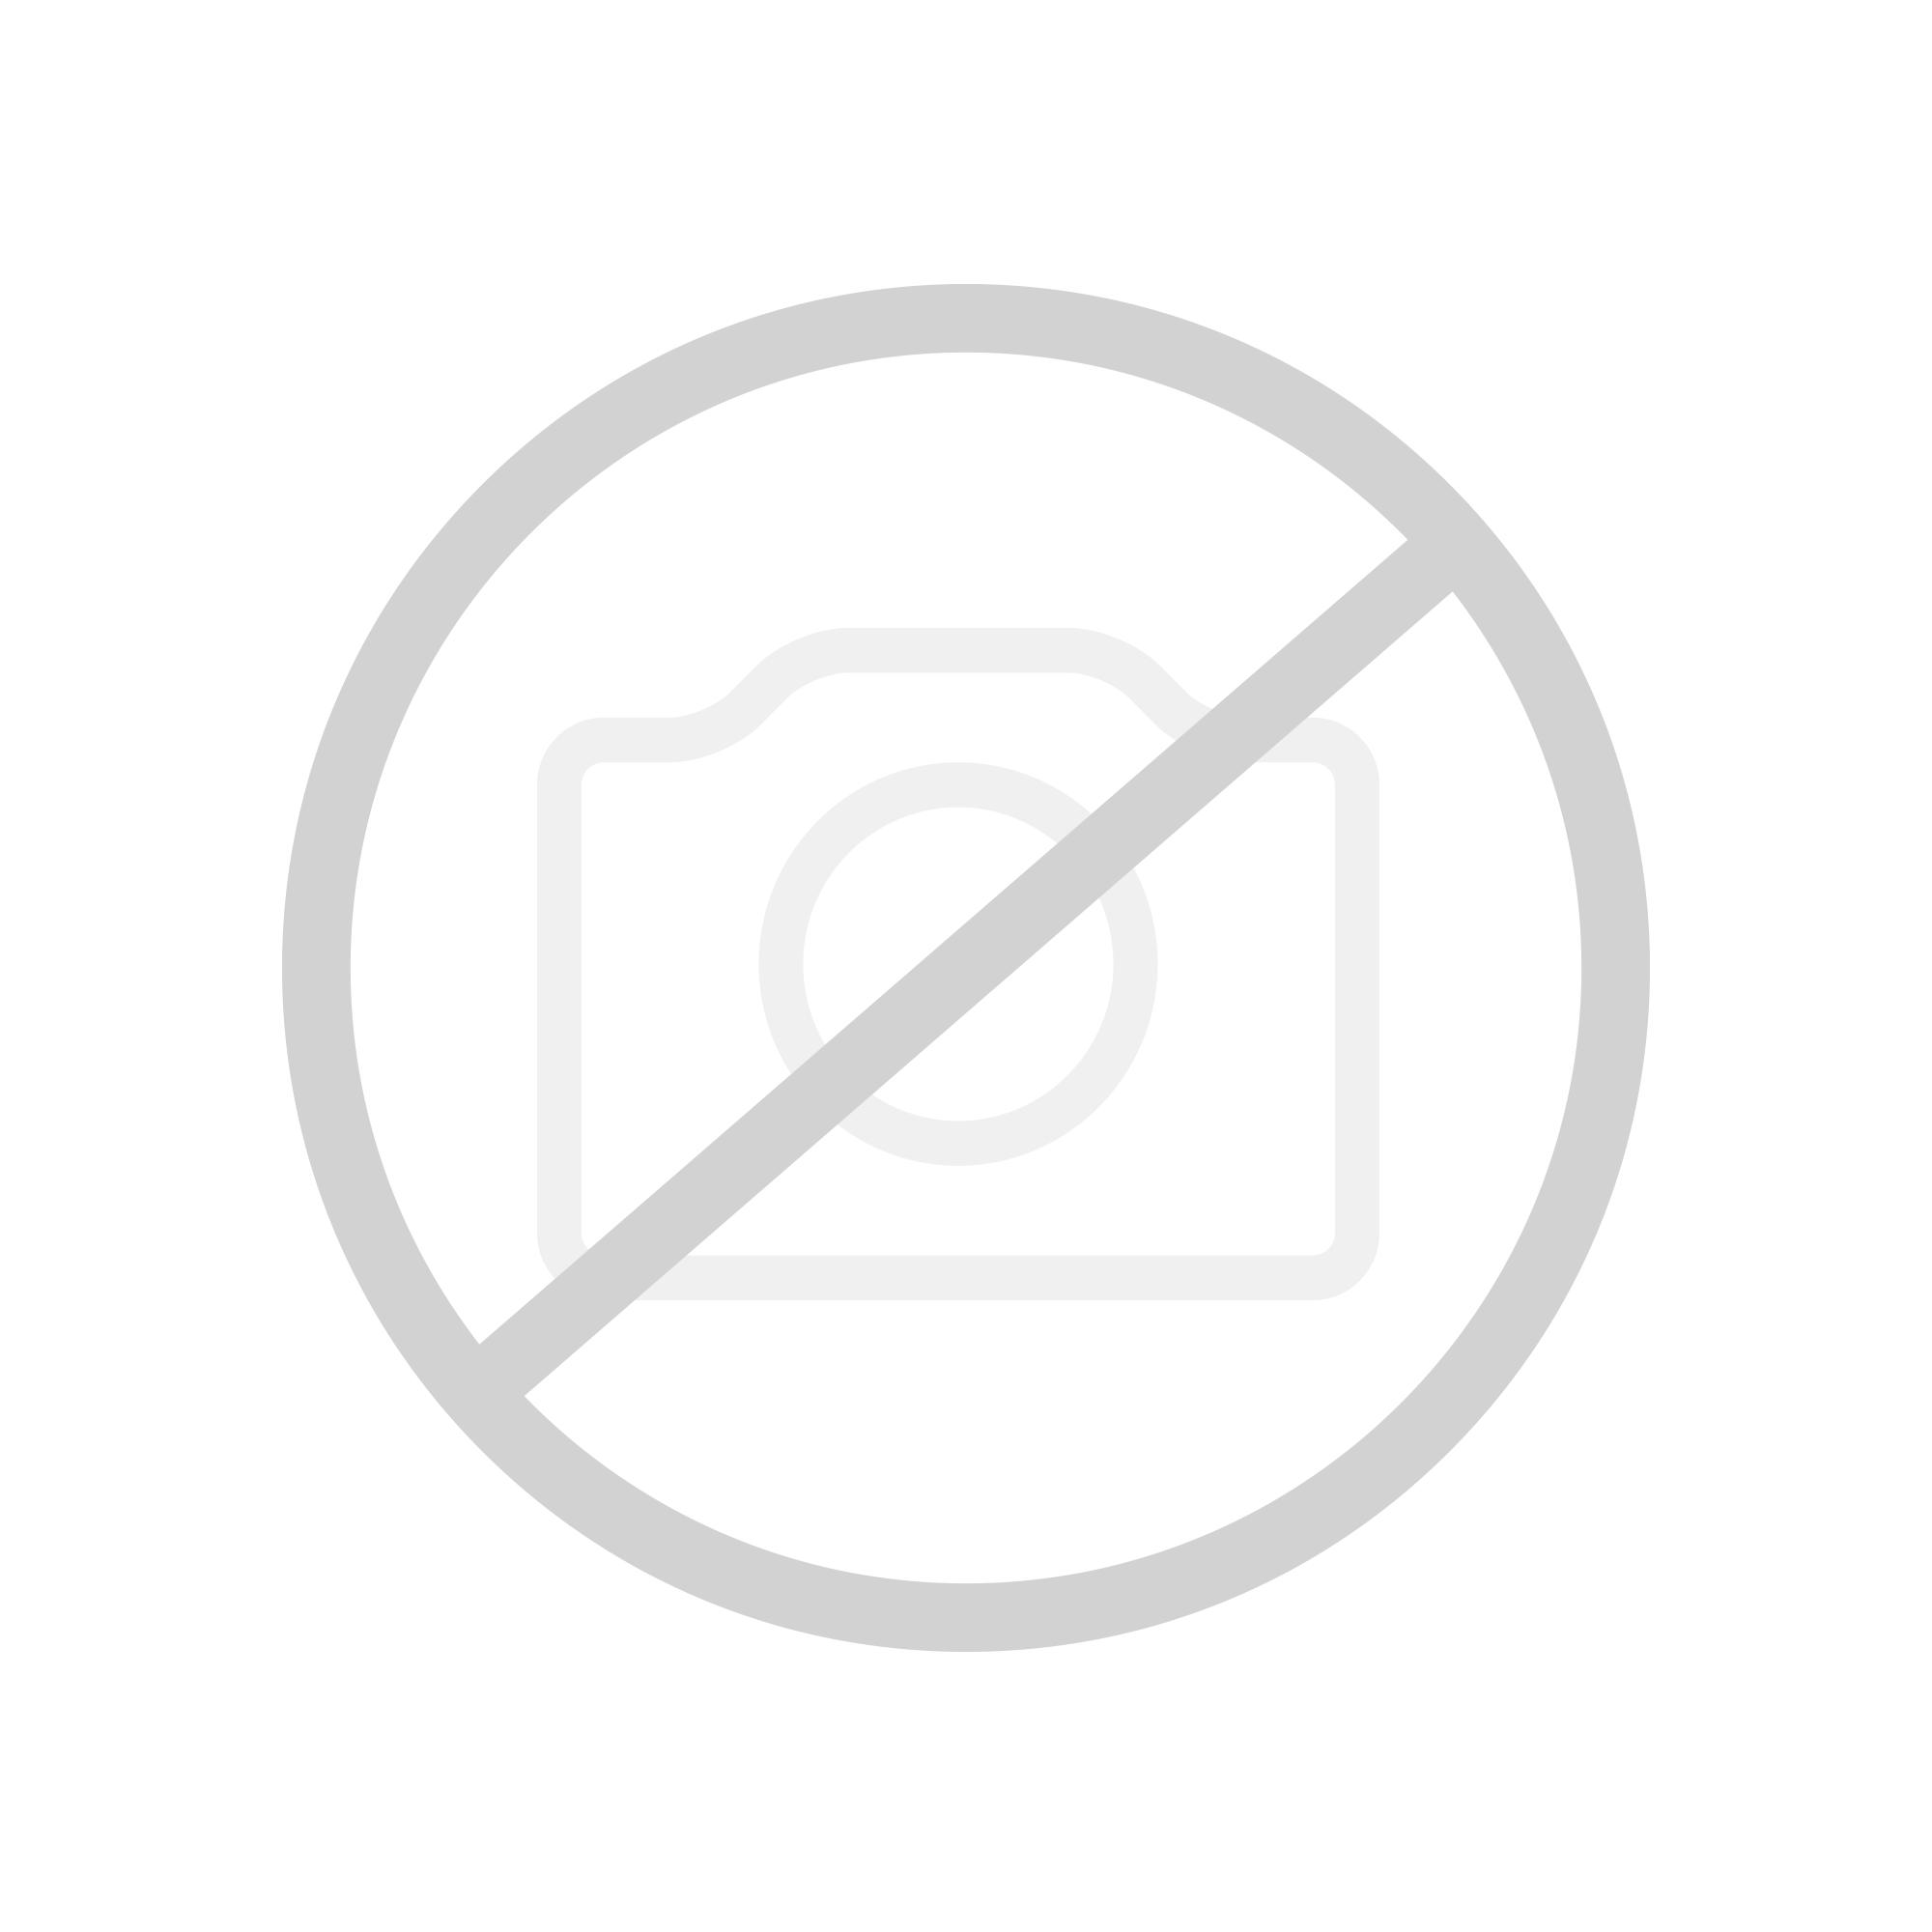 Artiqua Selection 313 Waschtischunterschrank mit 2 Auszügen Front weiß hochglanz / Korpus weiß glanz